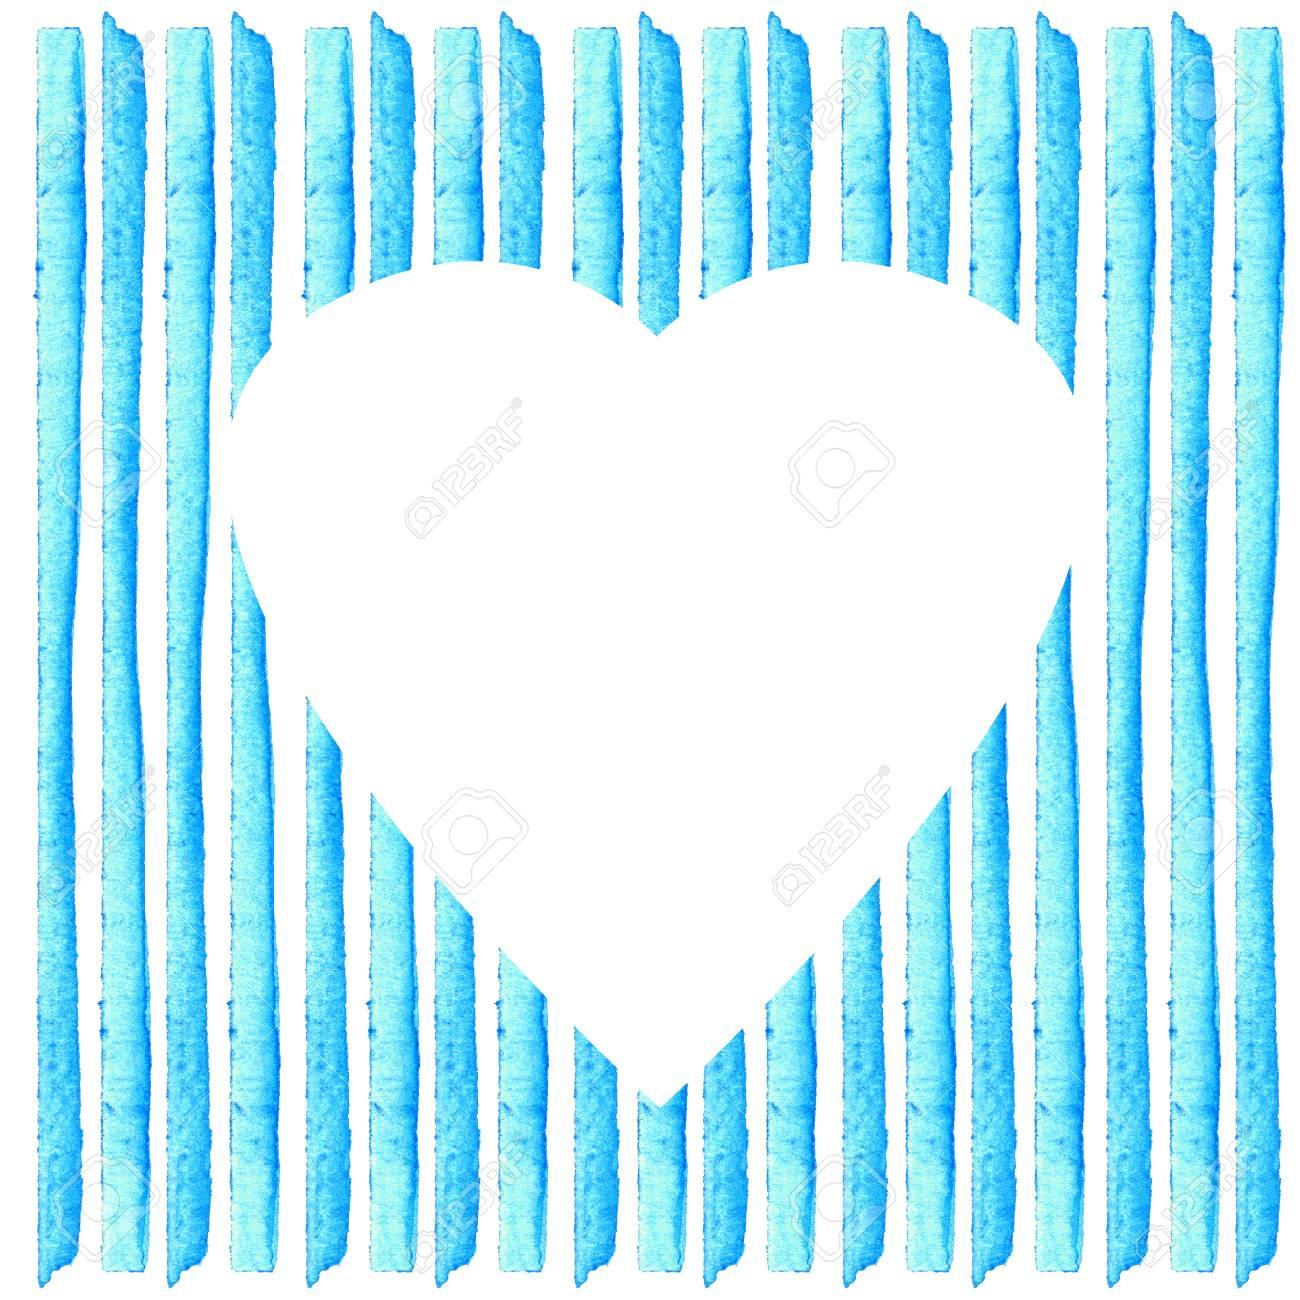 Weiß Herzform Auf Blauen Streifen In Aquarell Gemalt Aquarell